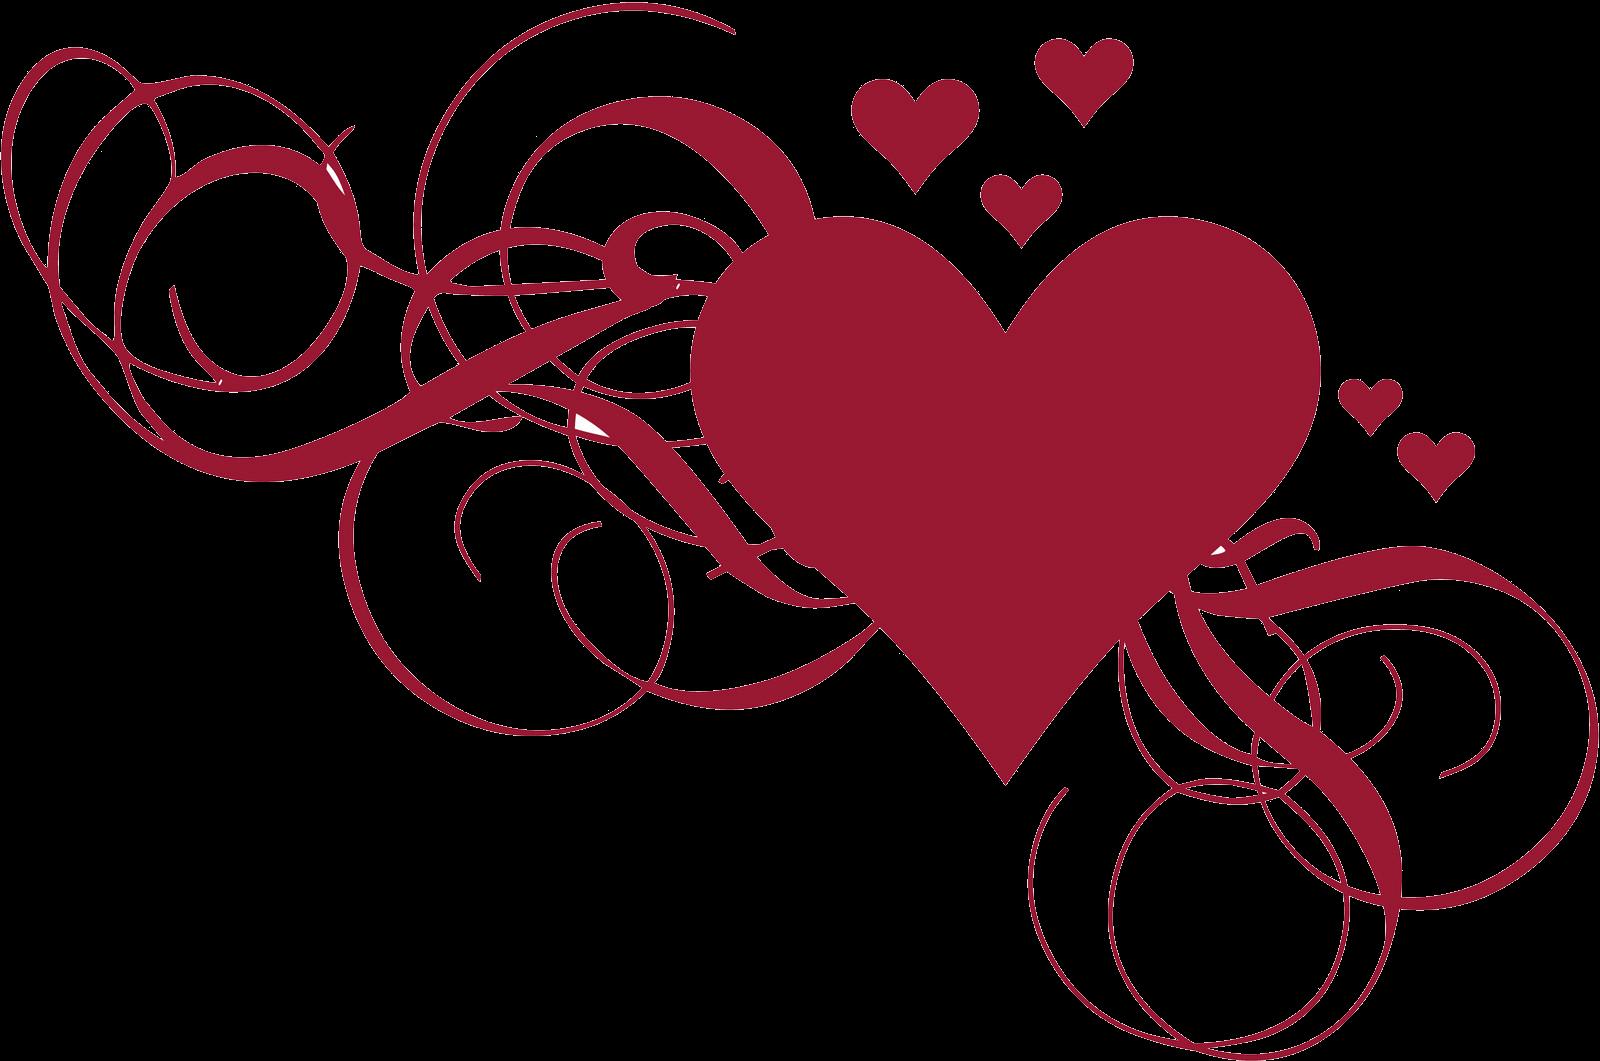 Wedding invitation Heart Clip art.